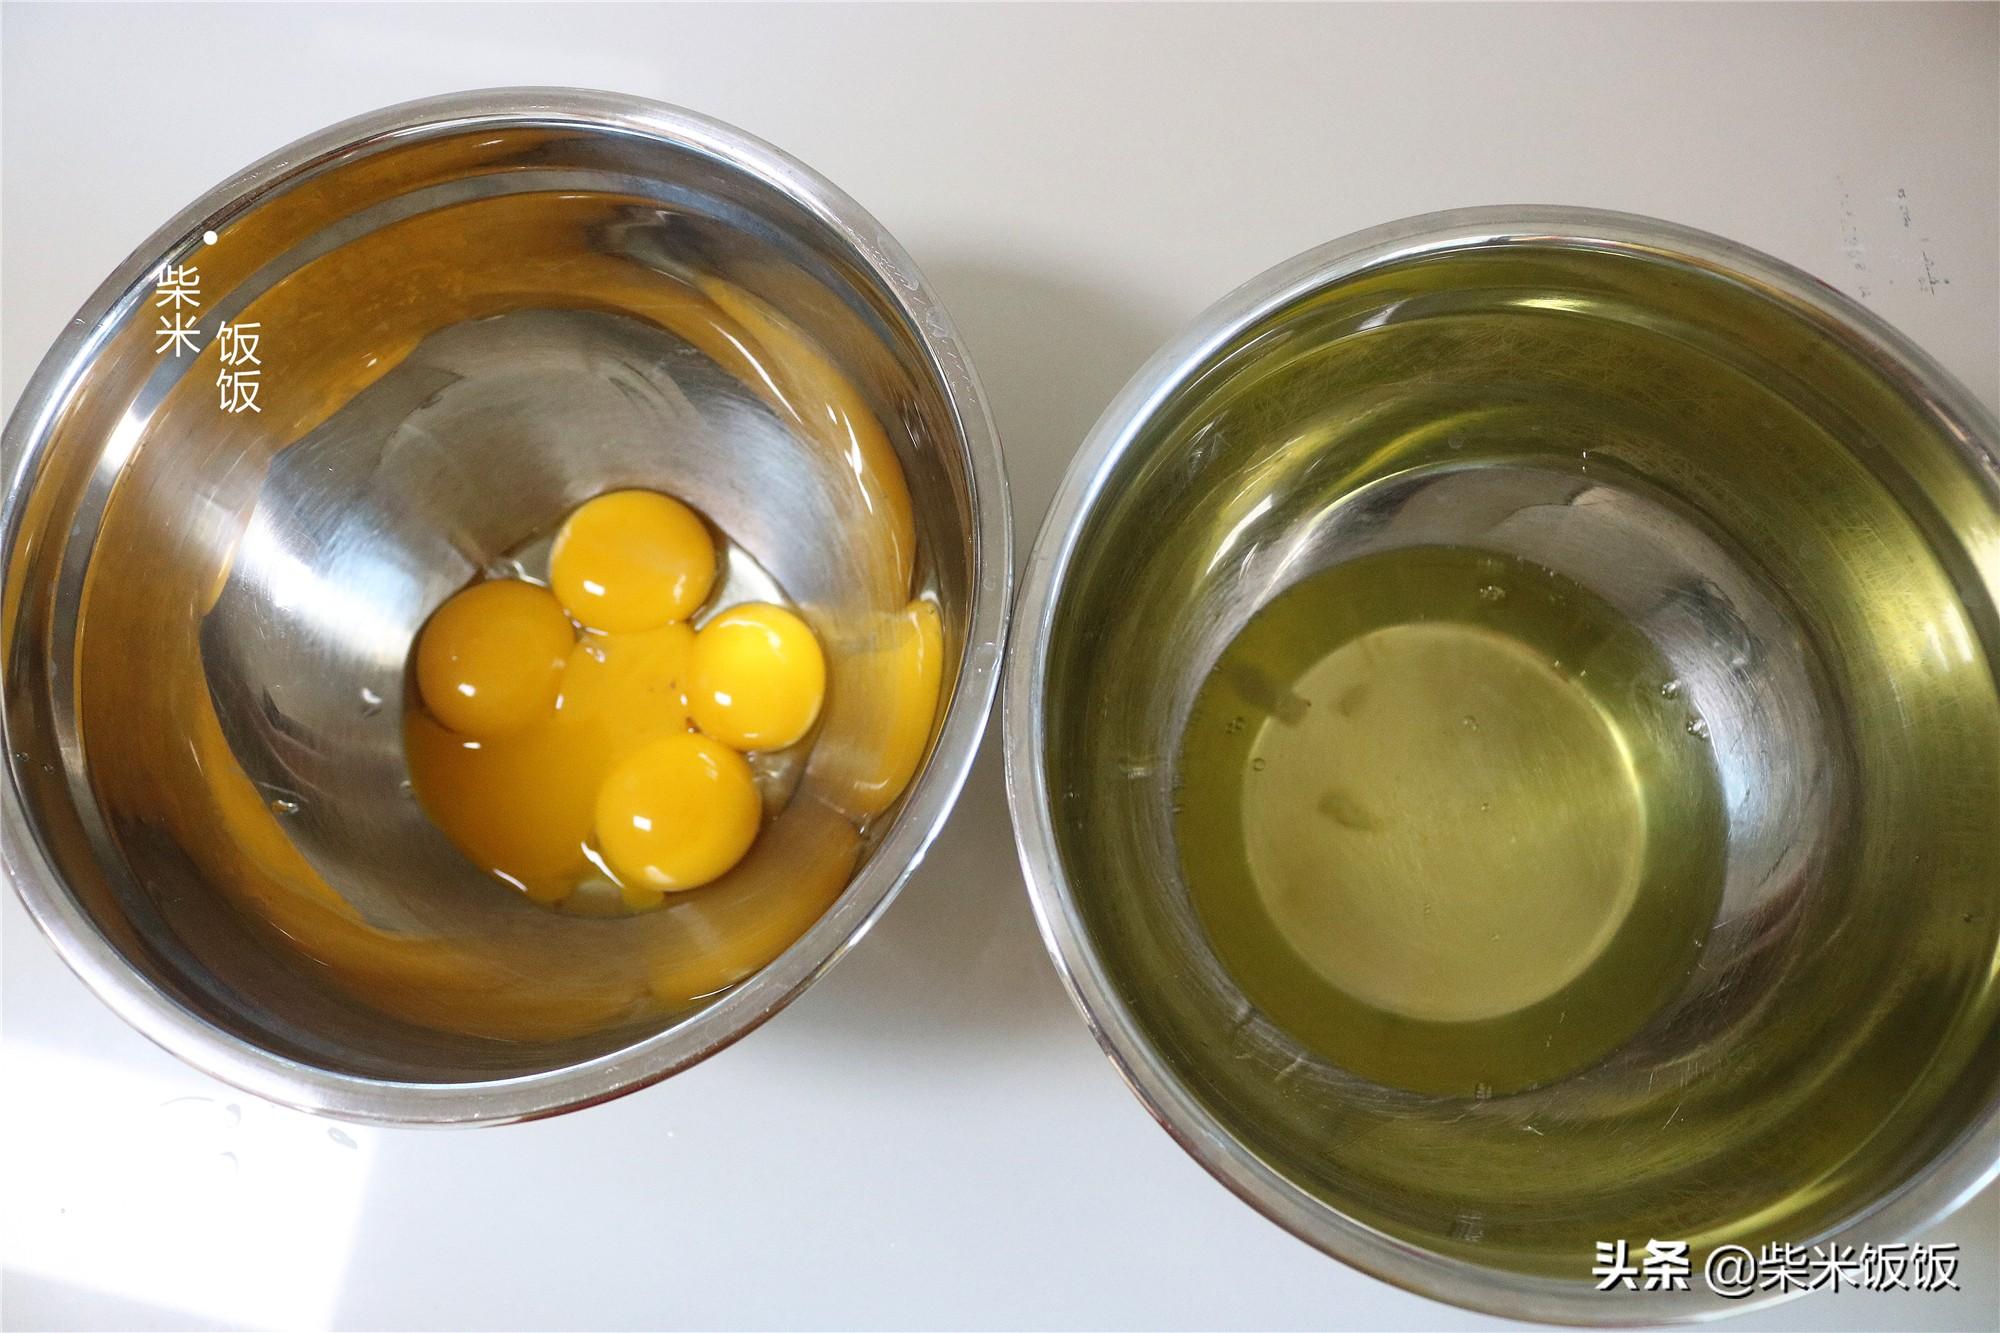 5個雞蛋,一把紅棗,教你做電飯煲蛋糕,柔軟香甜特別好吃